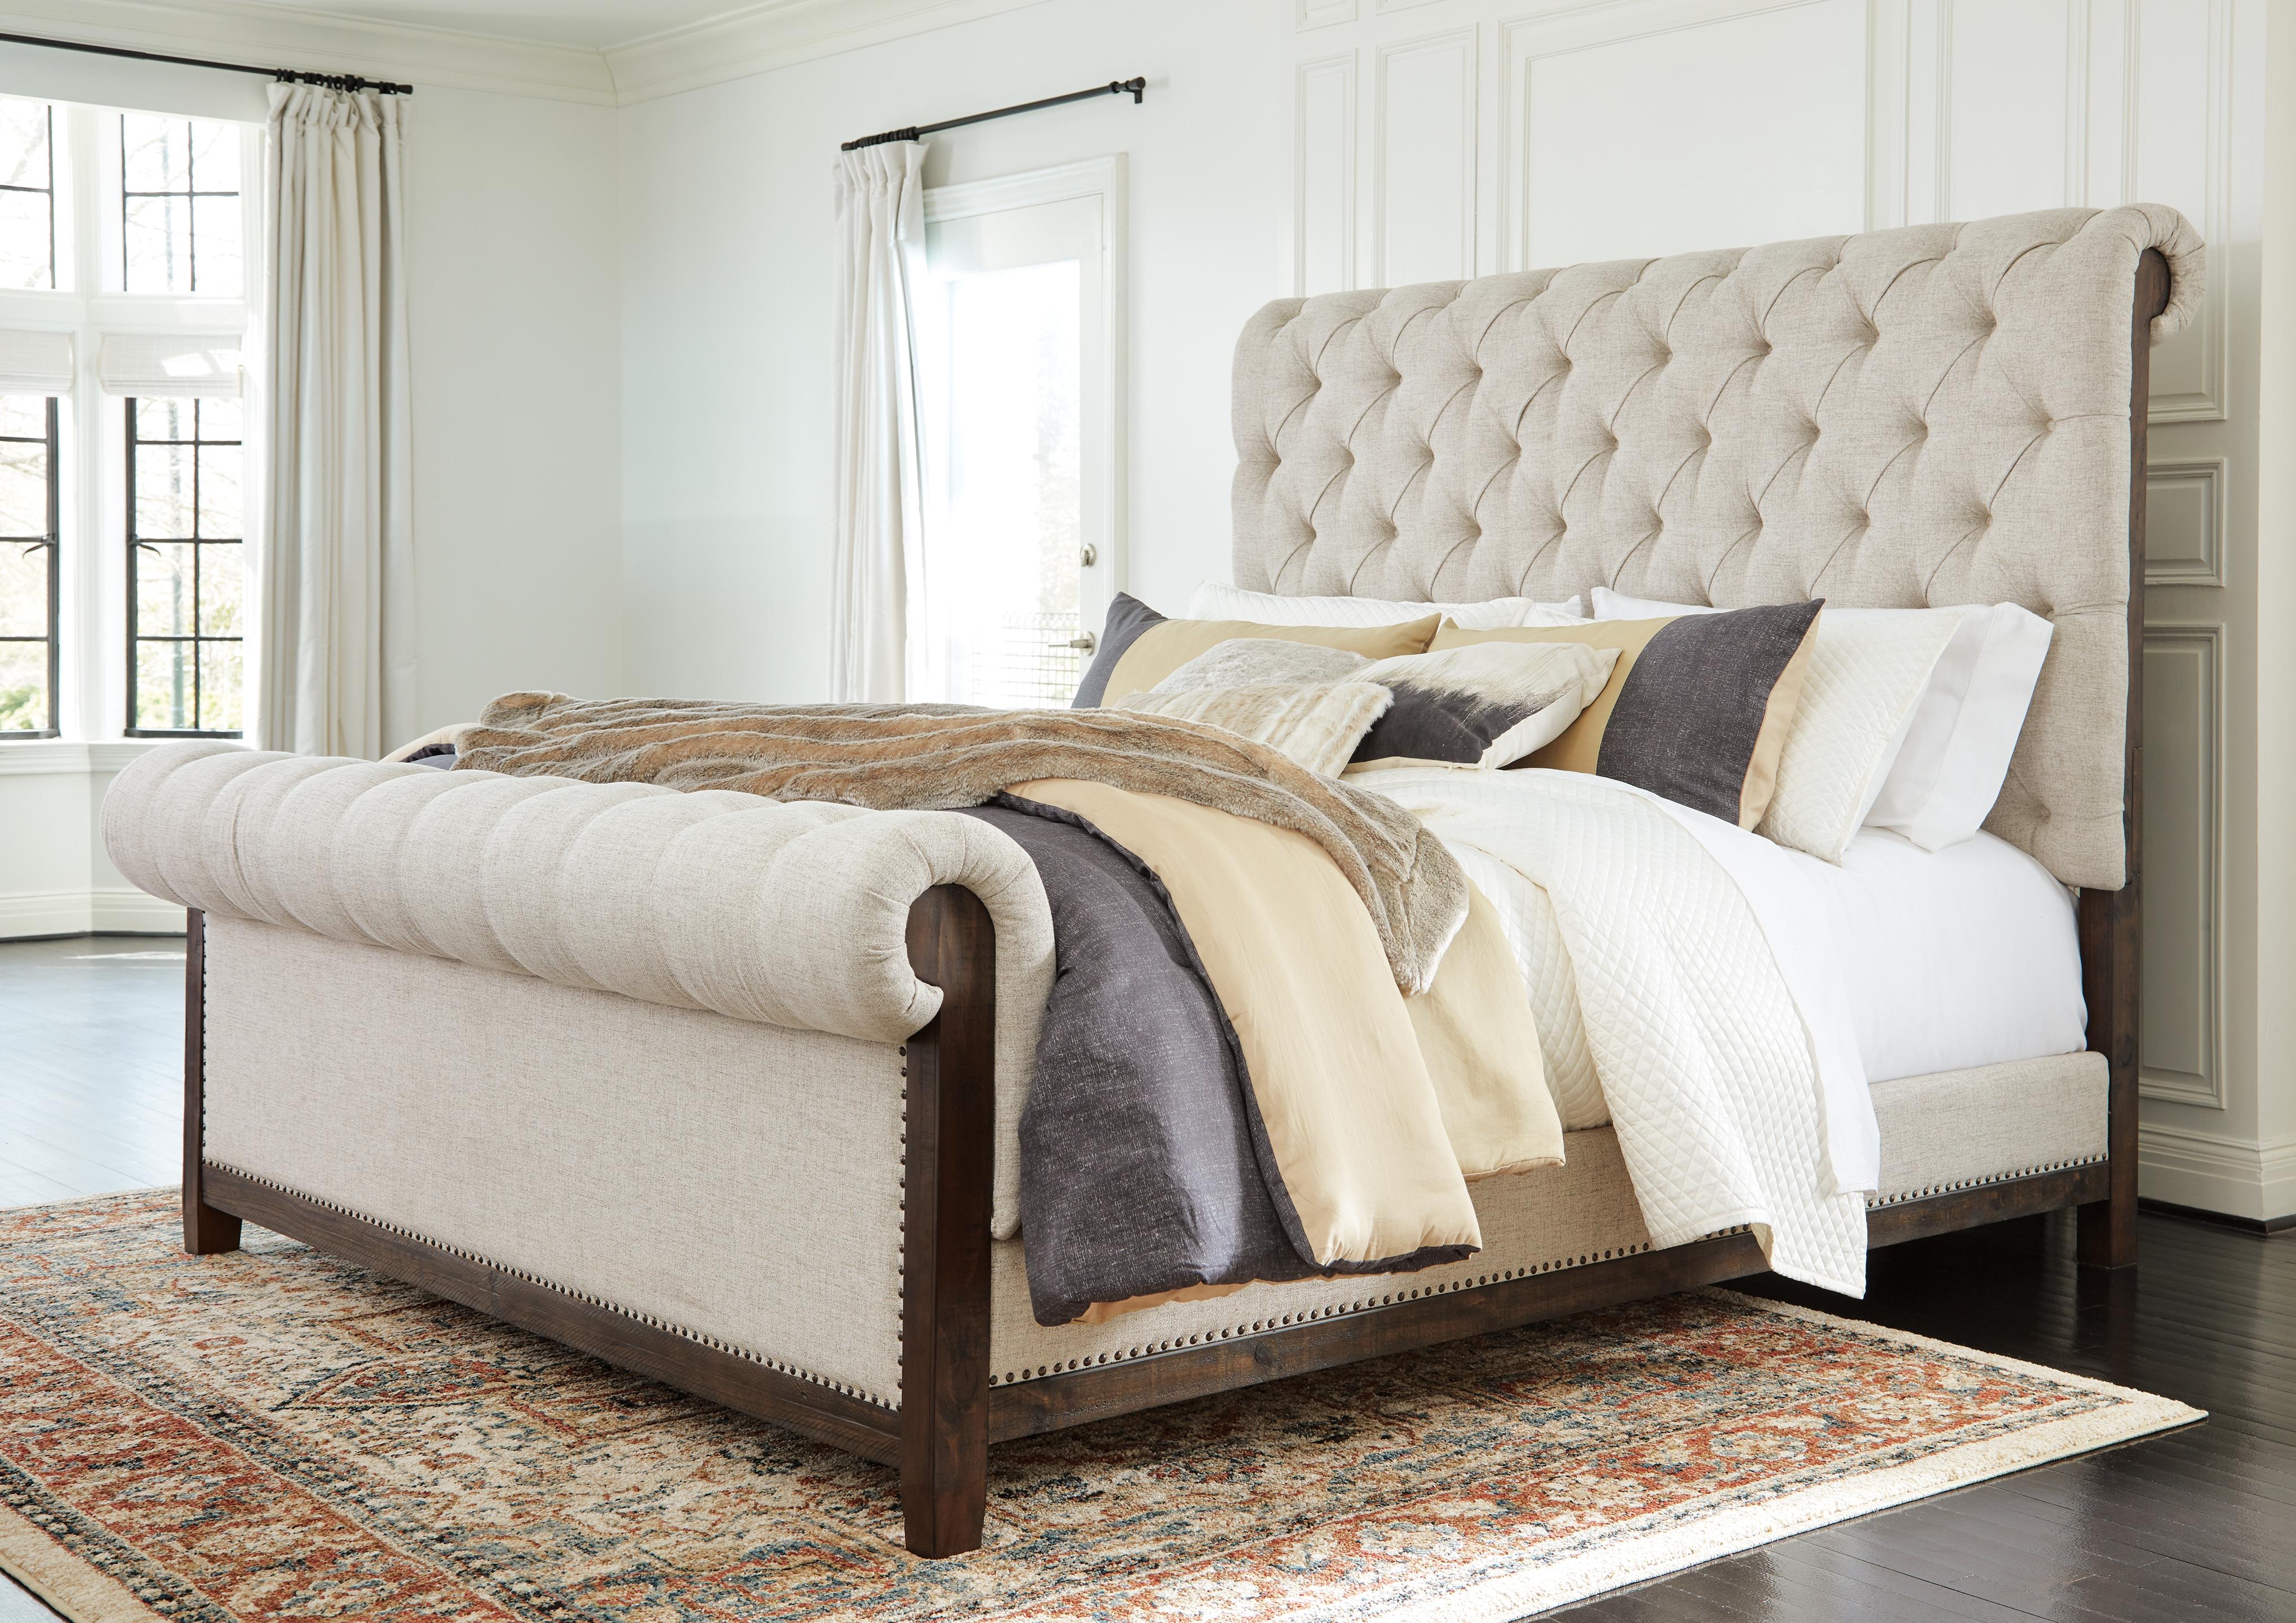 Hillcott Queen Upholstered Bed B798b2 Ashley Homestore